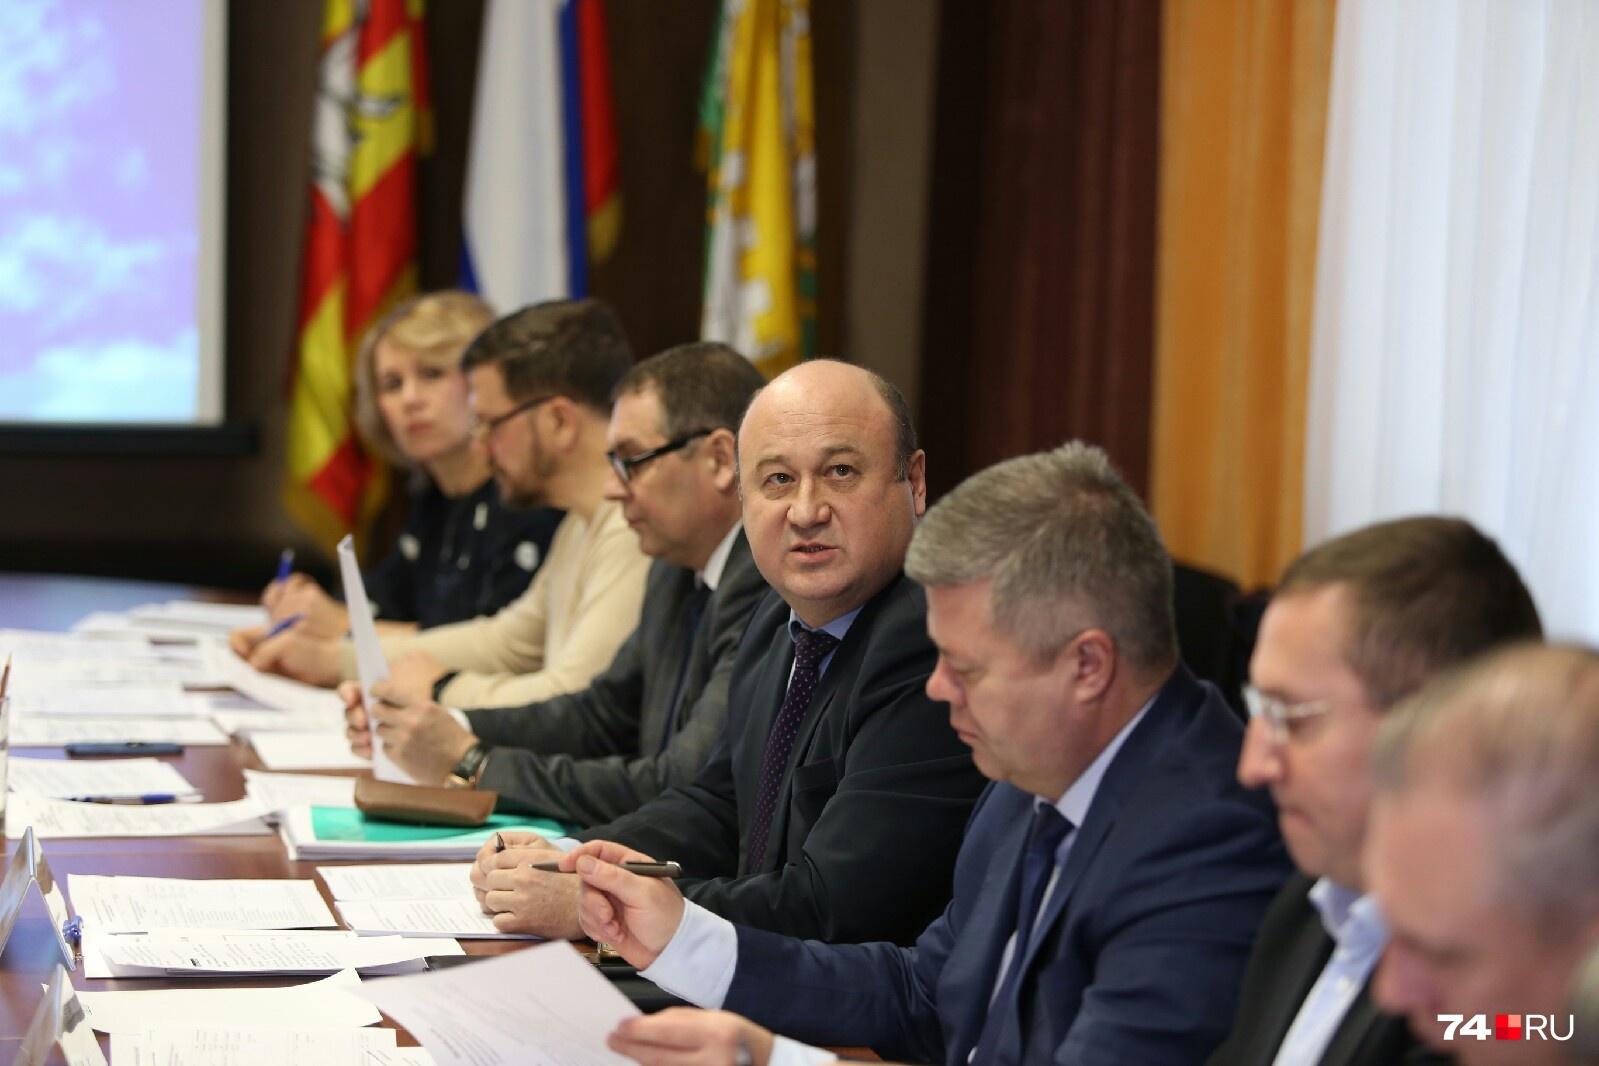 Члены комиссии терпеливо слушают кандидатов